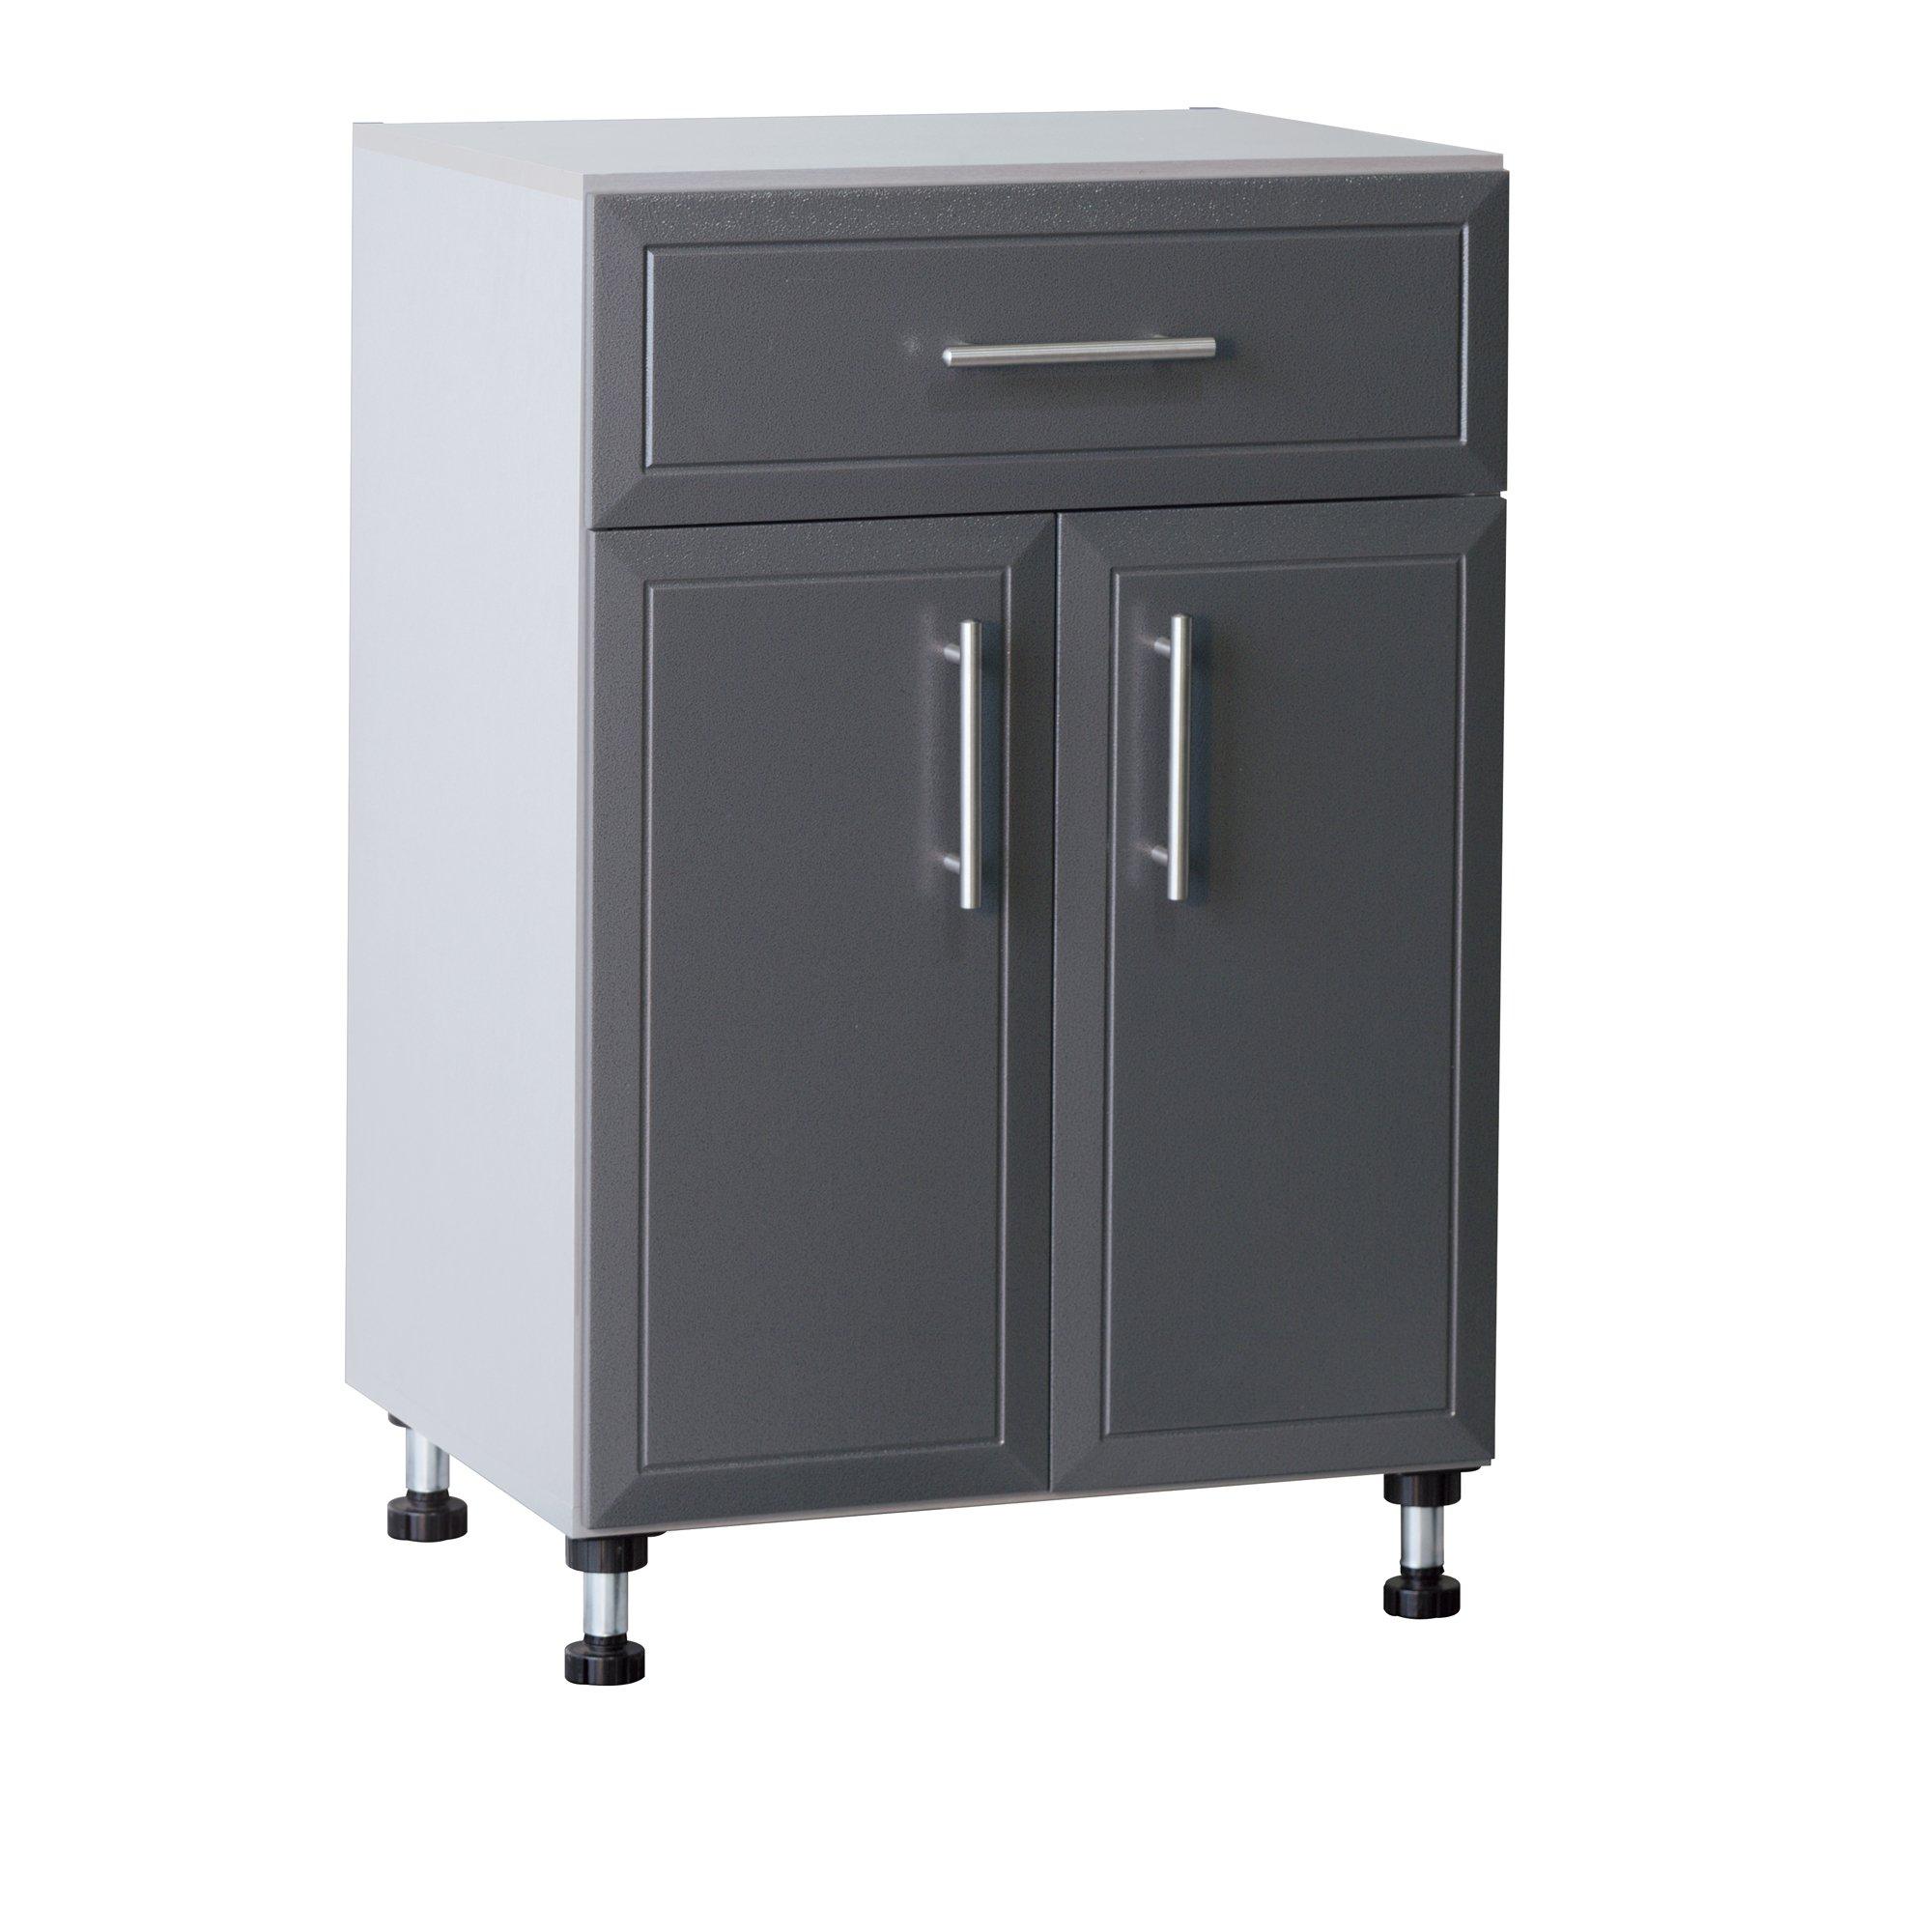 ClosetMaid 12407 ProGarage 2-Door with Drawer Cabinet